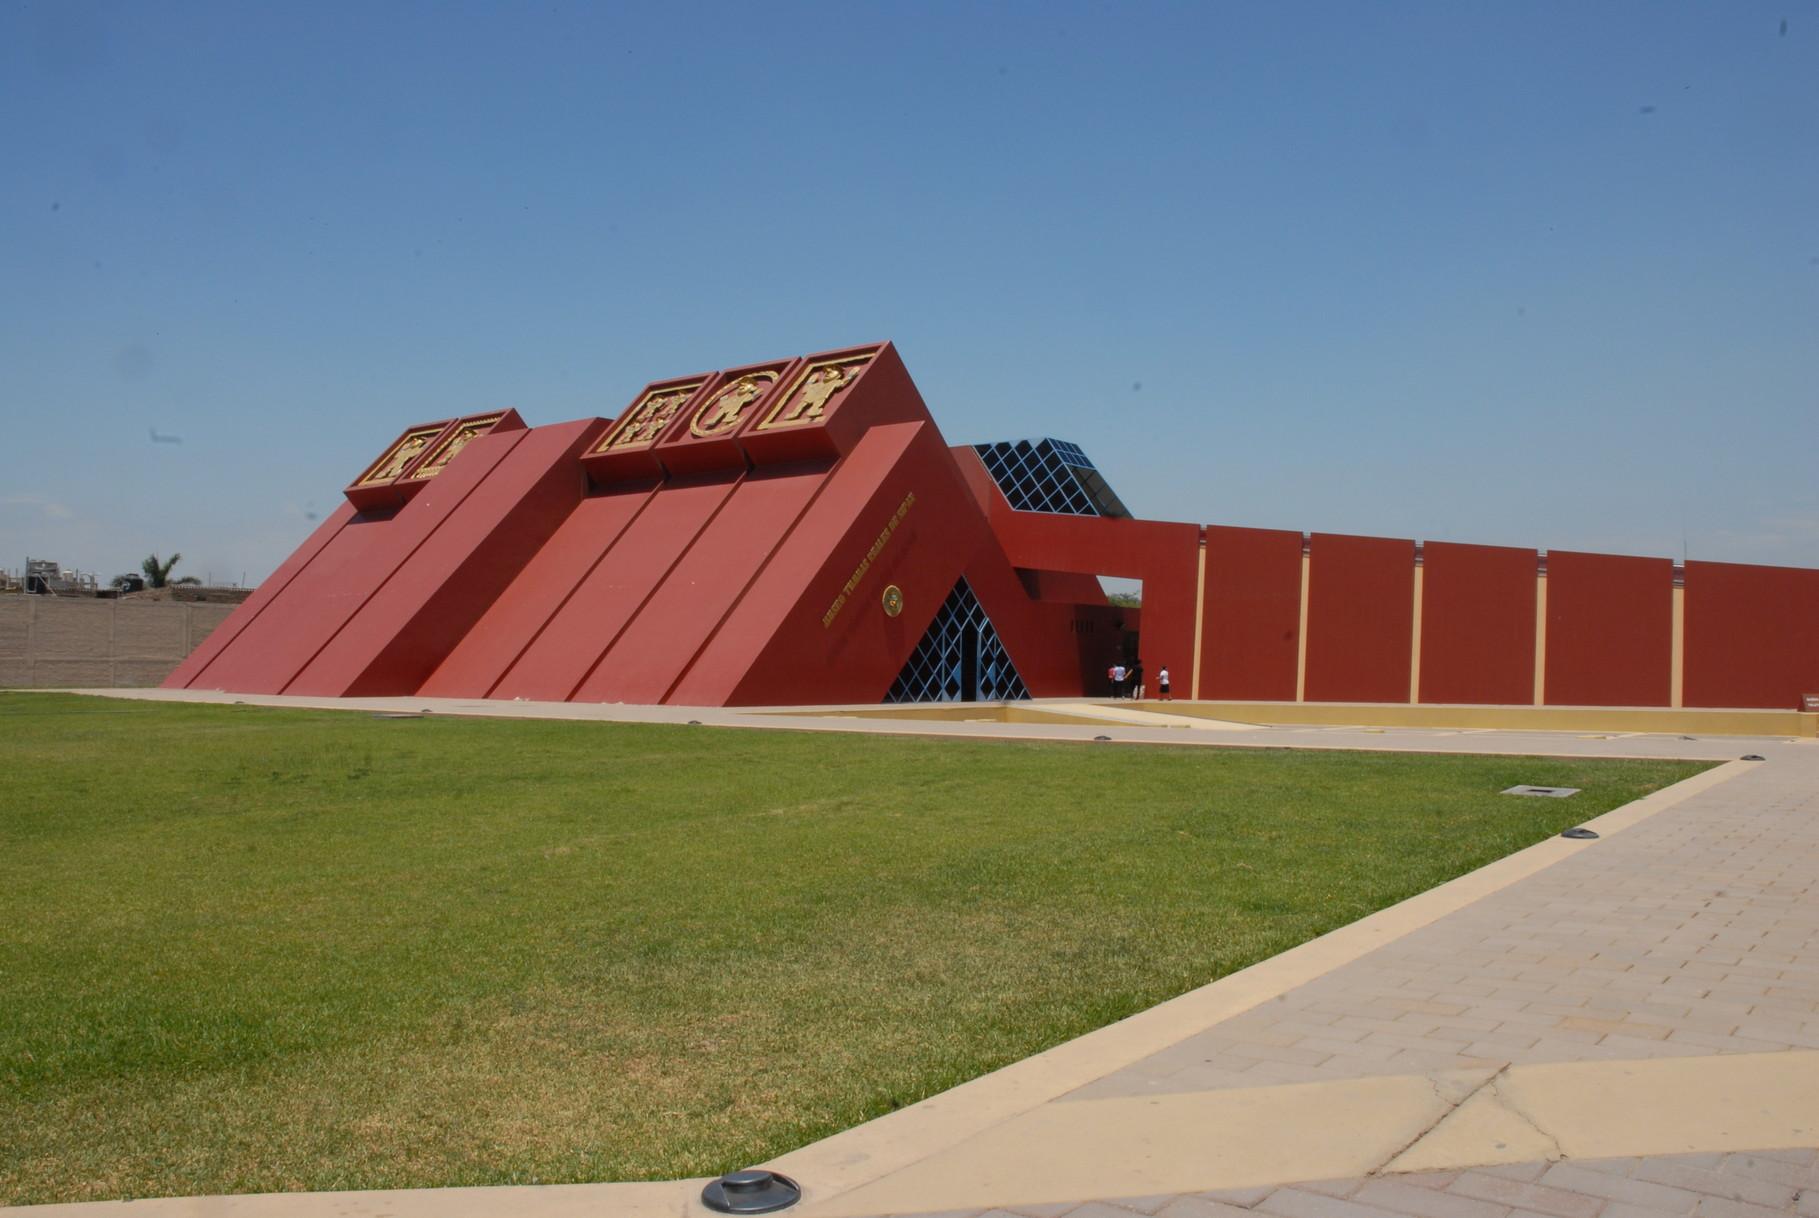 ... in Form einer Mochepyramide